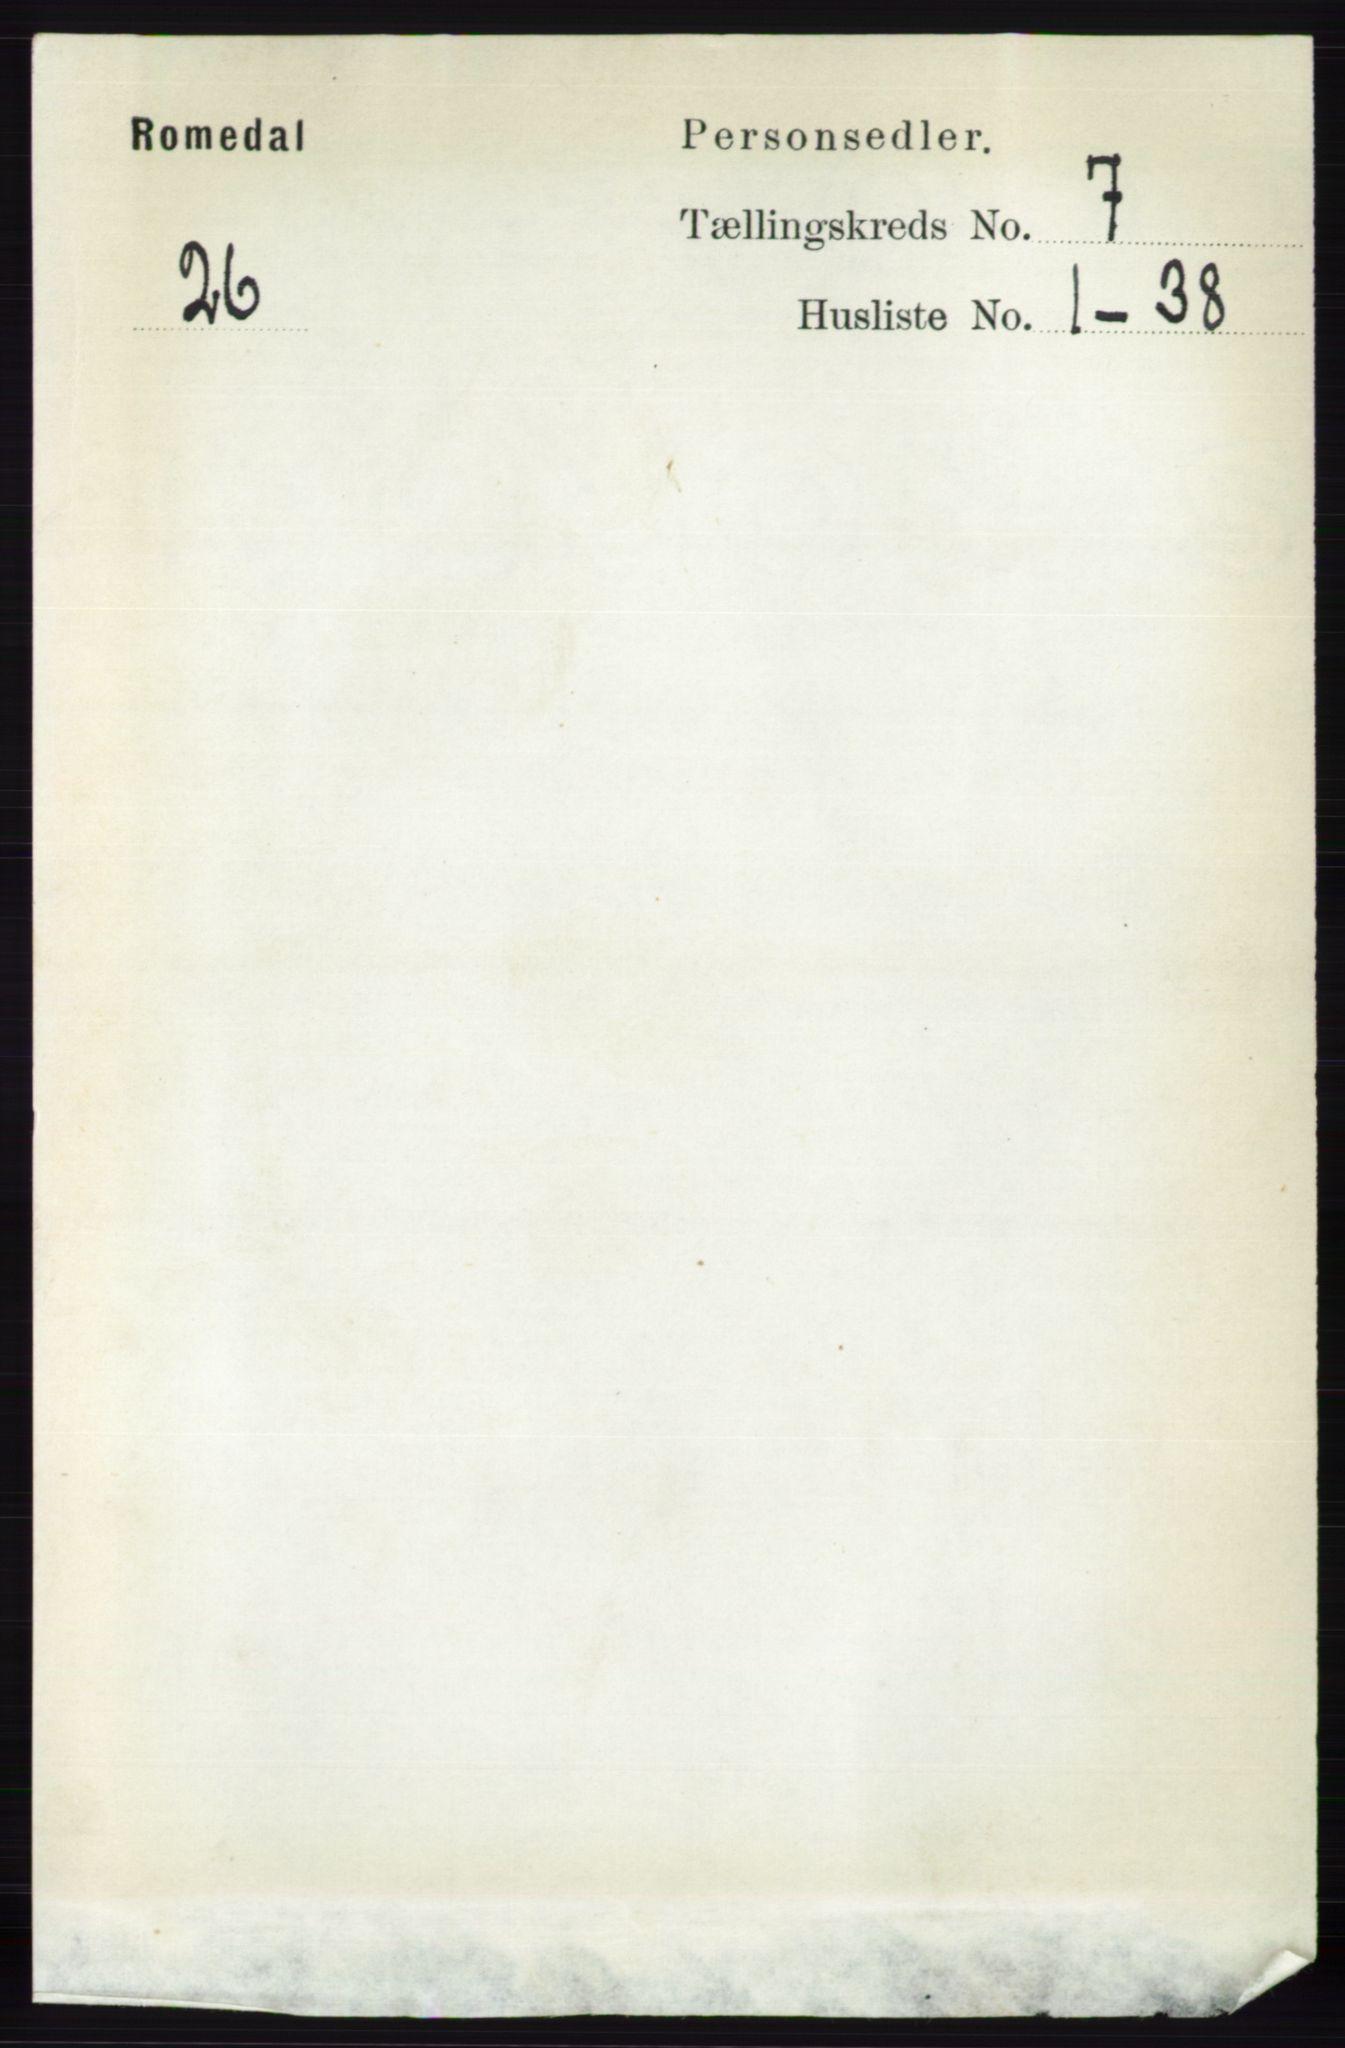 RA, Folketelling 1891 for 0416 Romedal herred, 1891, s. 3556